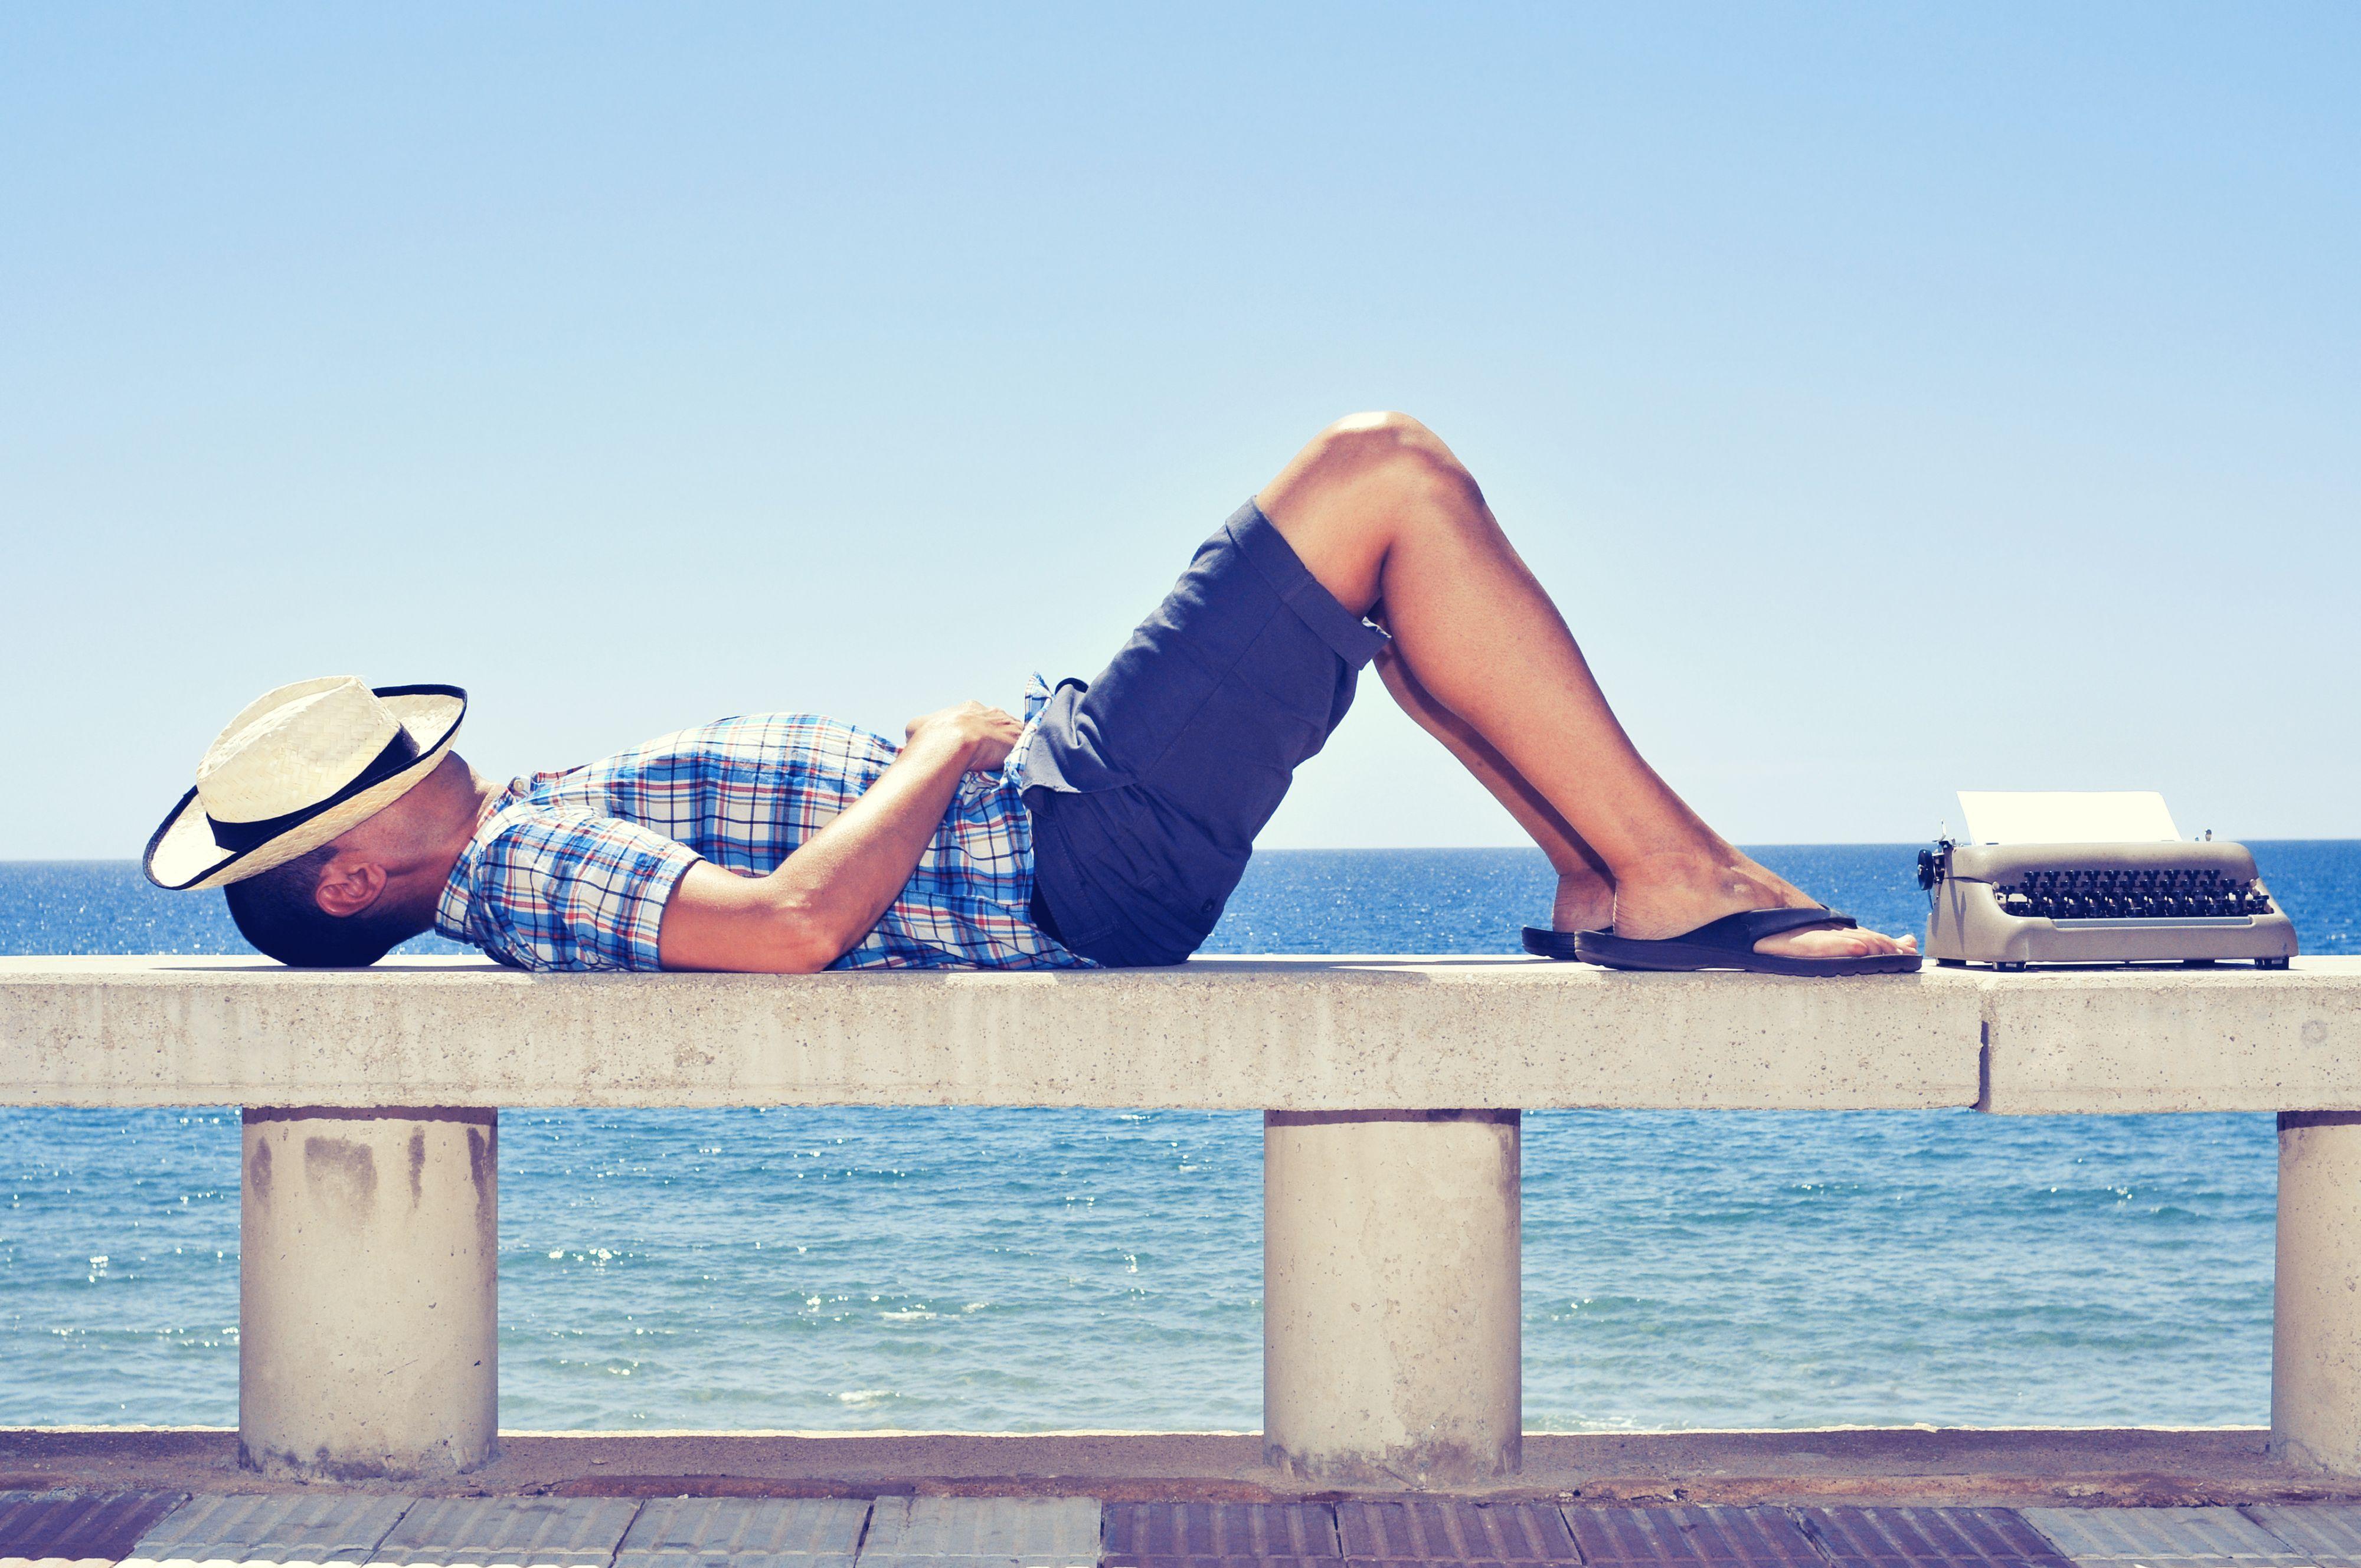 Ustawodawca nie przewidział możliwości przedłużenia terminu, w którym możliwe będzie wykorzystanie zaległego urlopu wypoczynkowego. (Fot. Shutterstock)